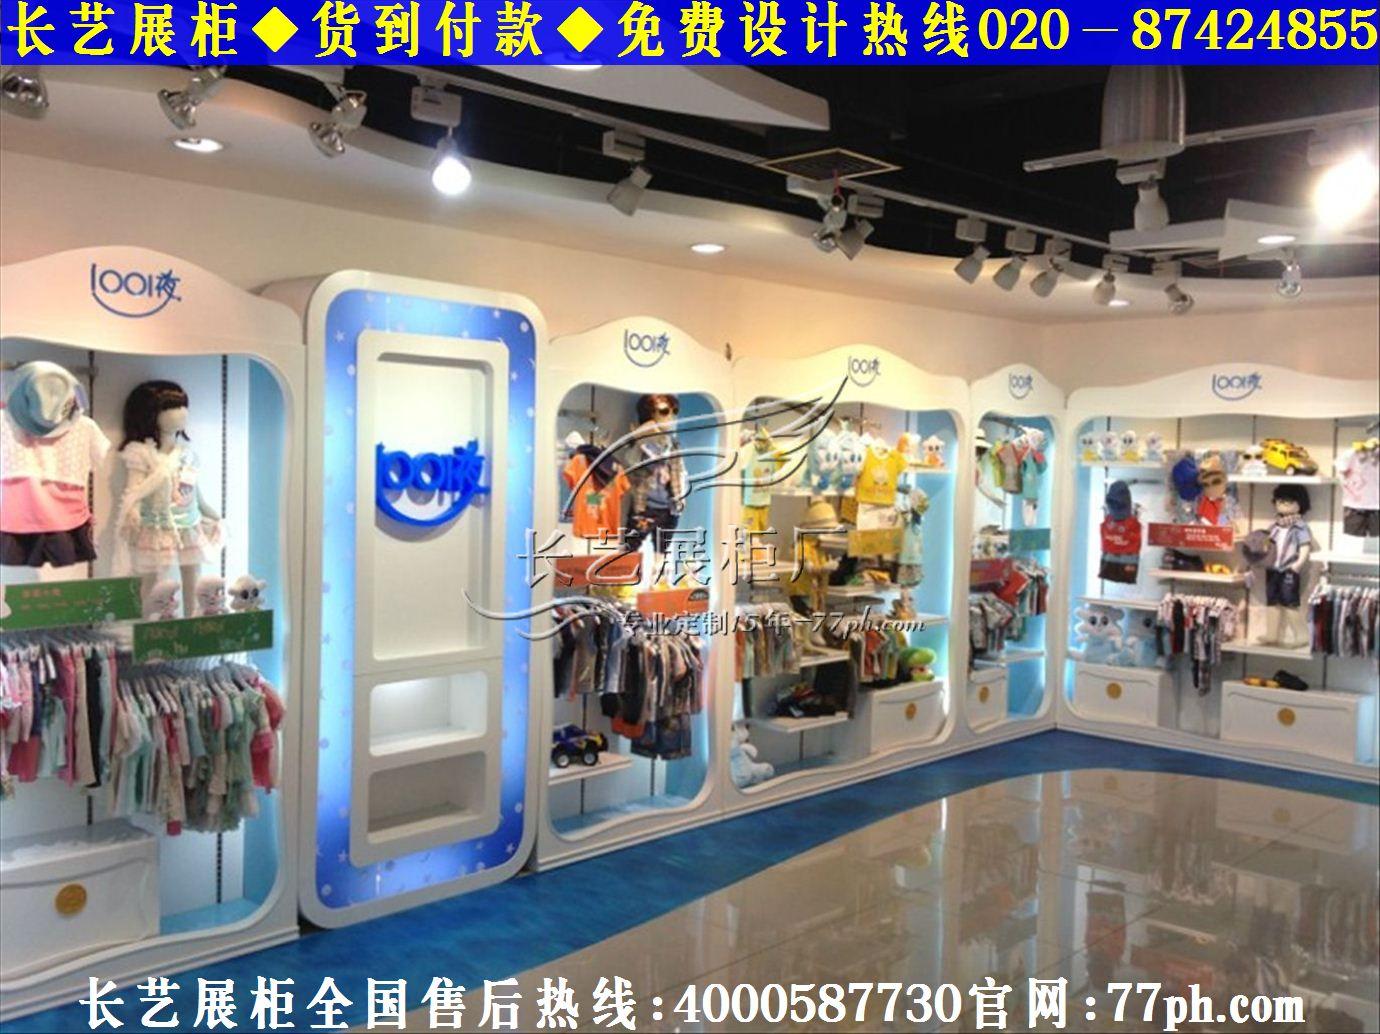 童装童鞋店橱窗设计,小型童装童鞋店装修效果图